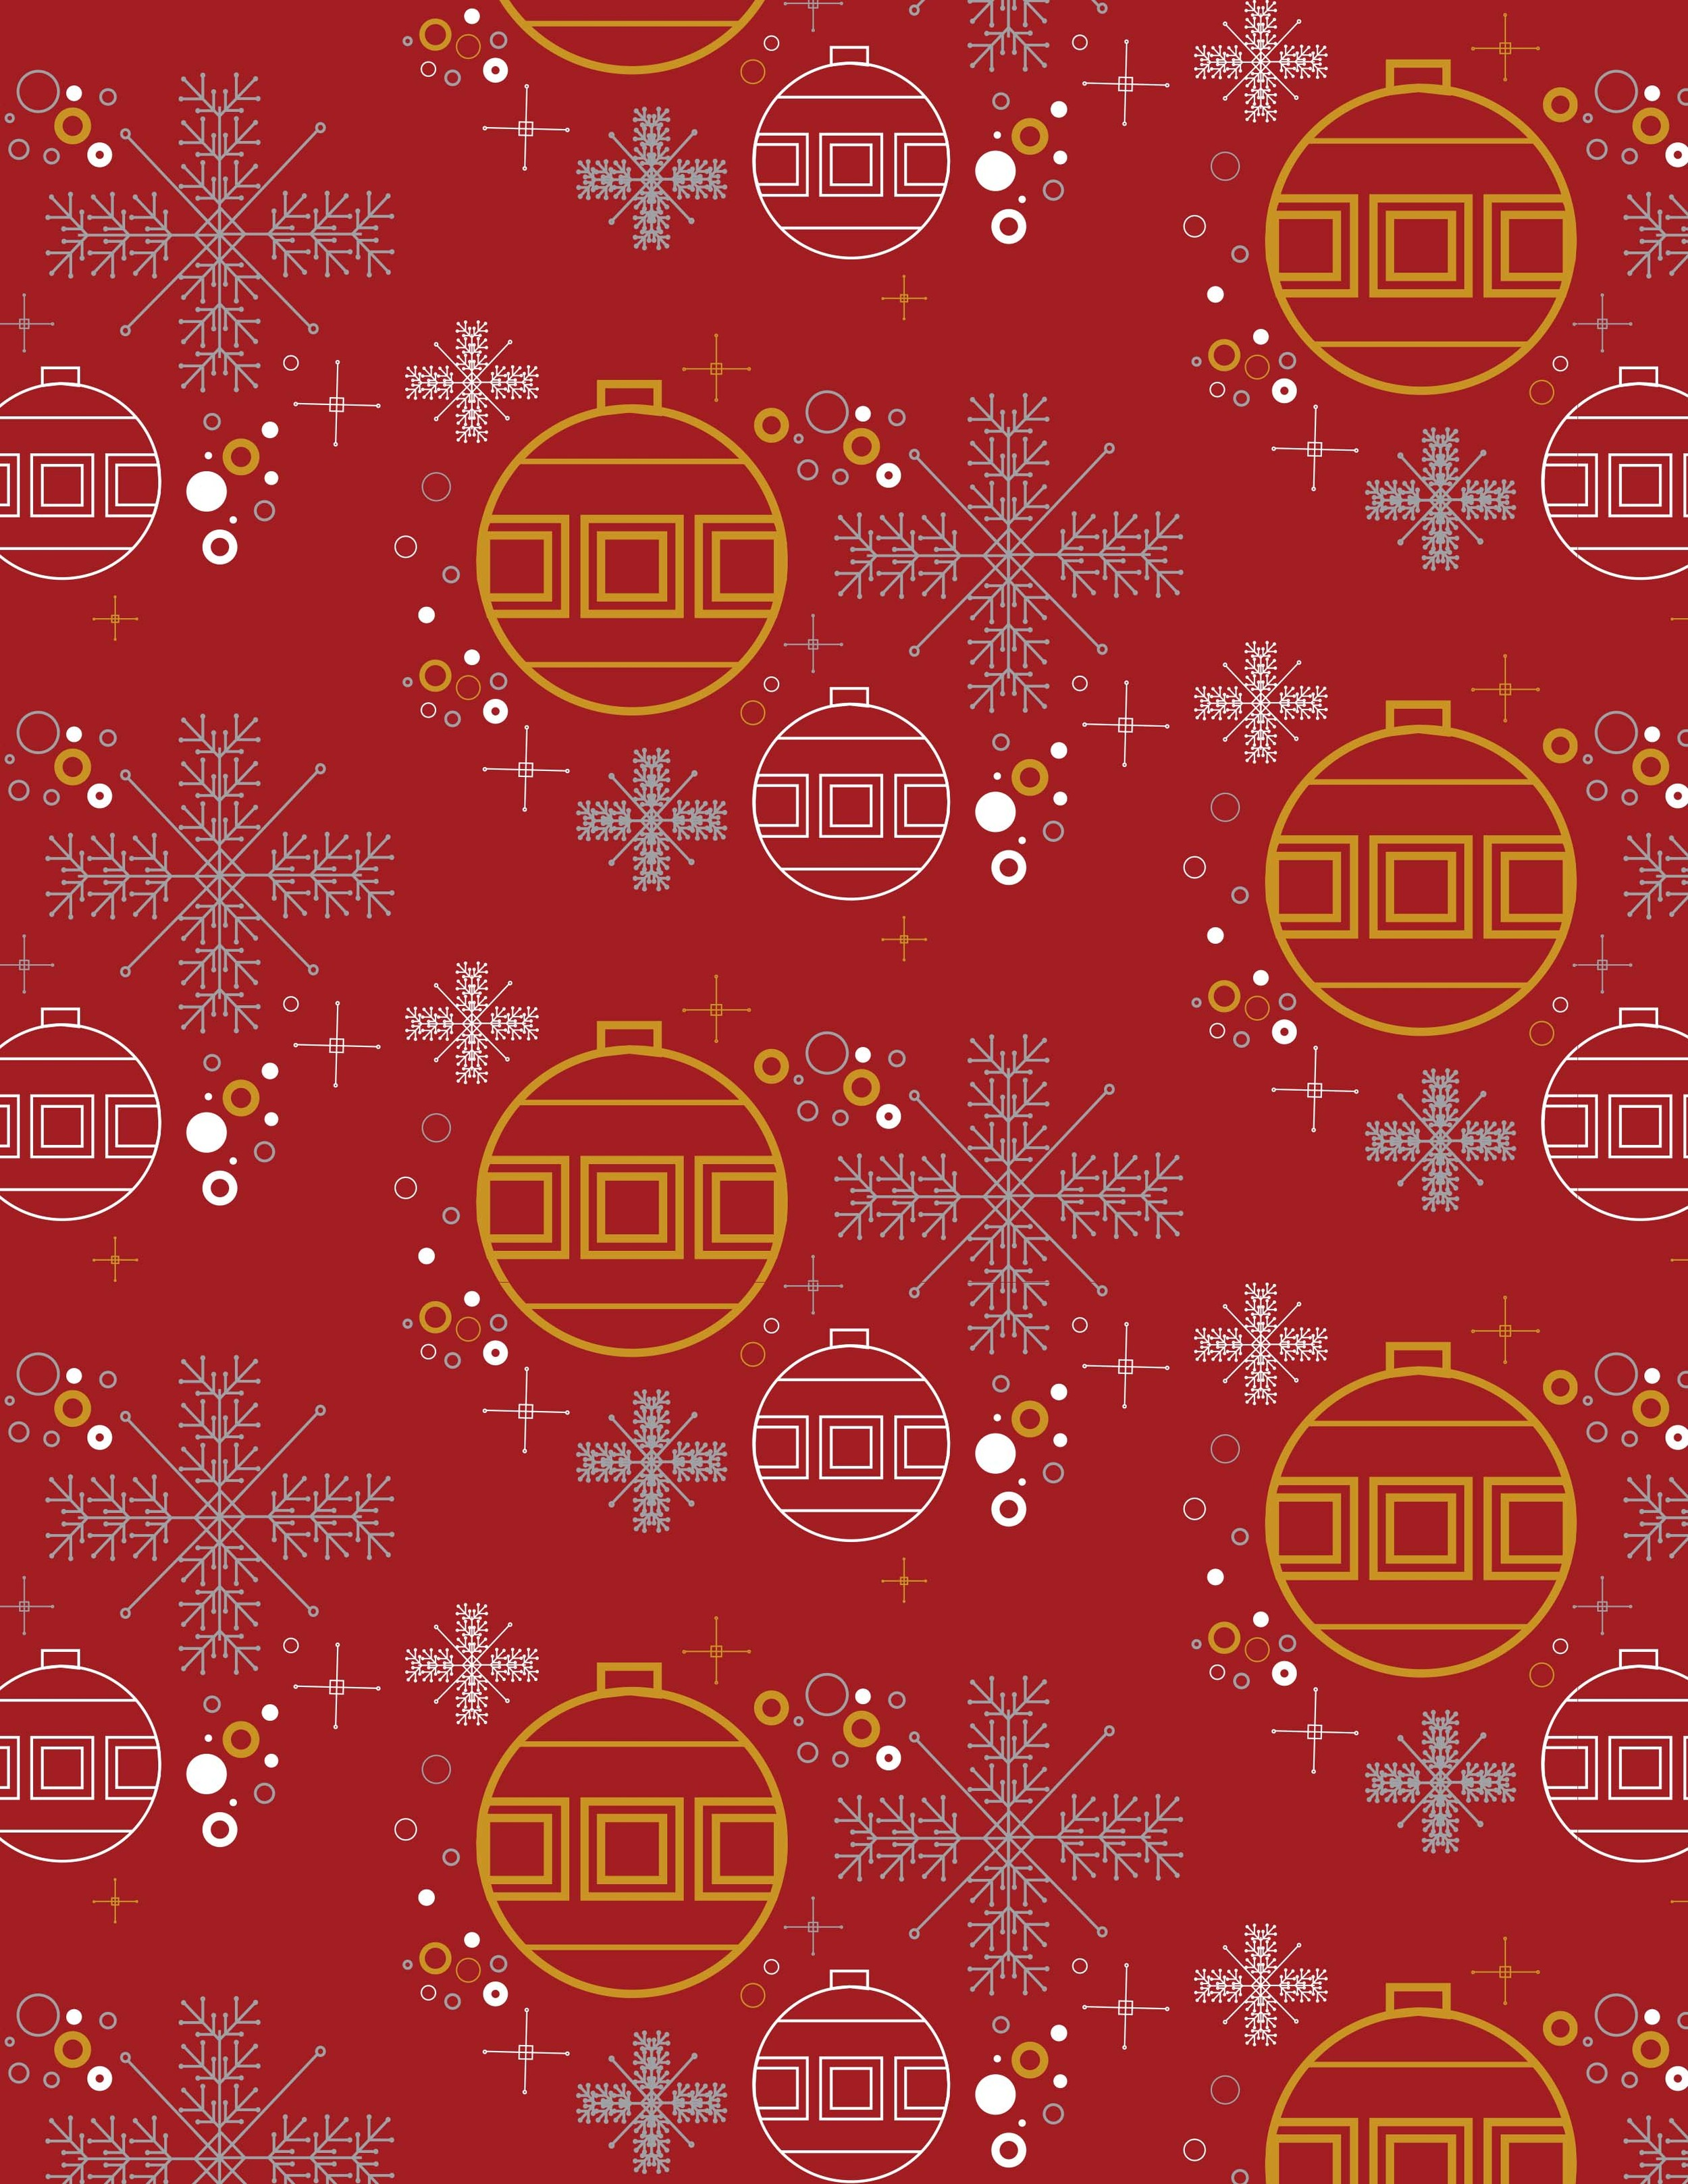 Festive Pattern by John Bucher